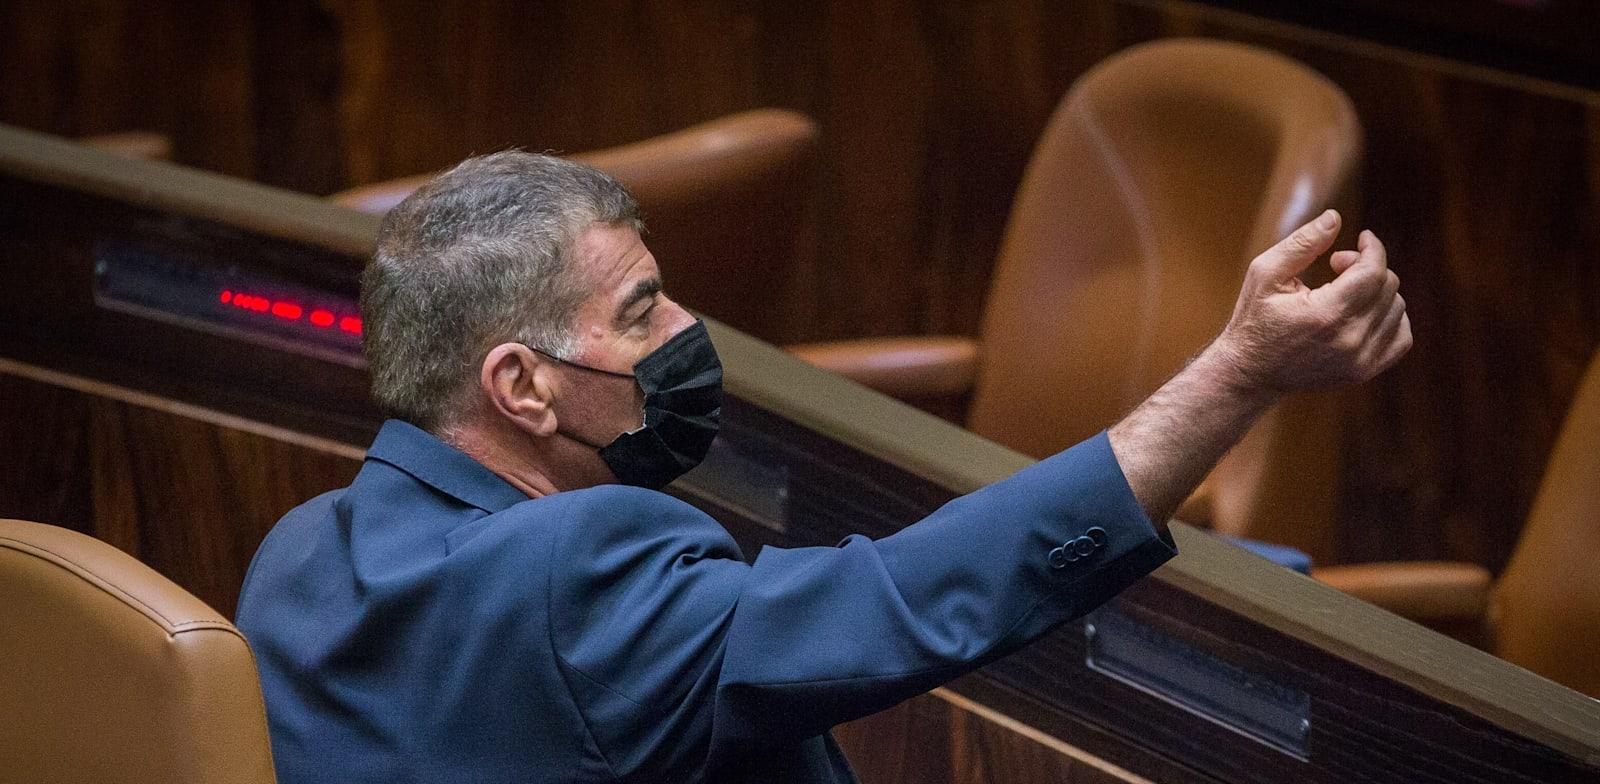 שר החוץ גבי אשכנזי / צילום: אורון בן חקון